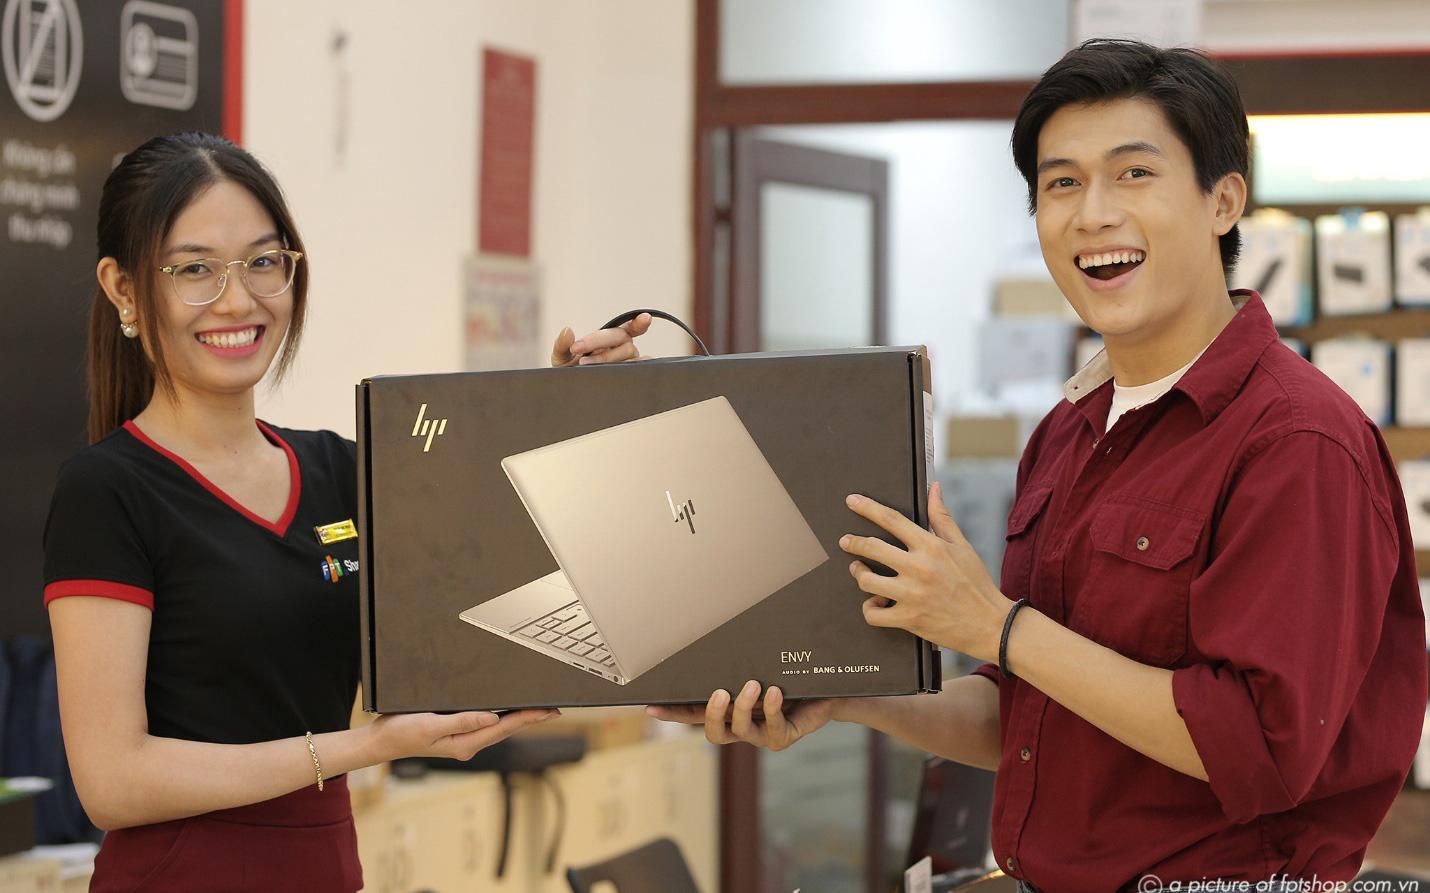 Khách hàng được trả góp 0% lãi suất khi mua laptop tại FPT Shop